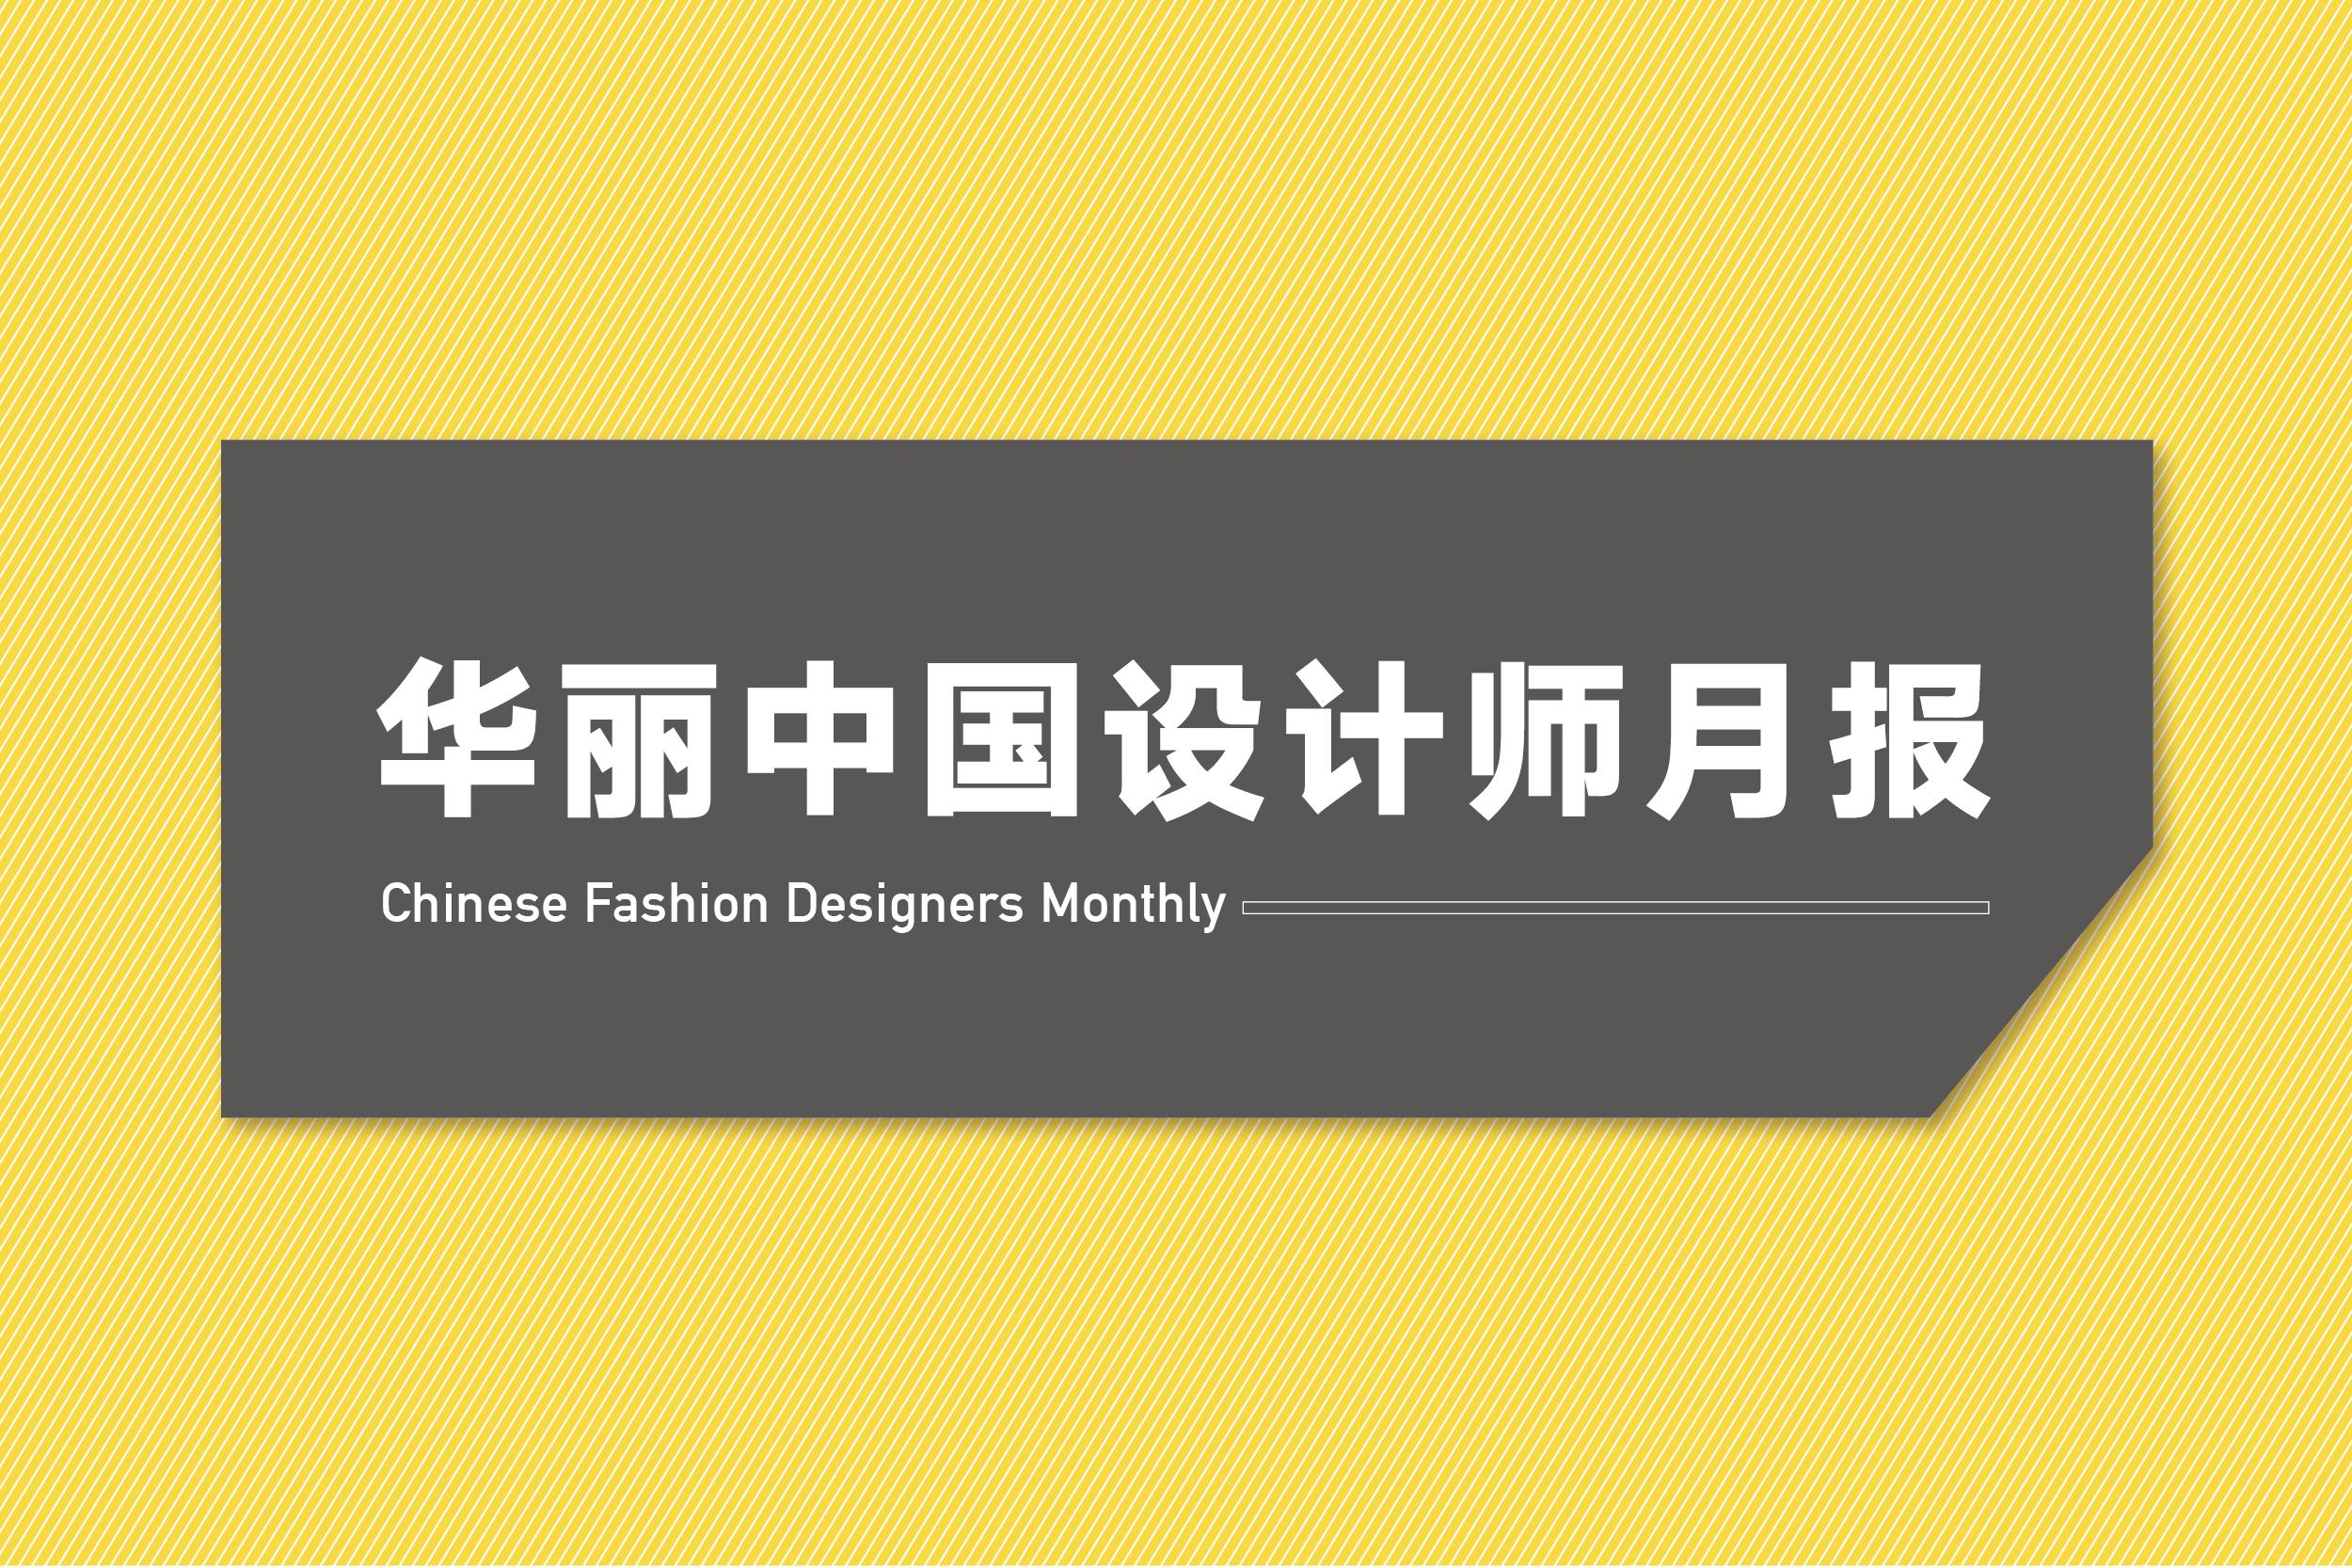 寒冬中,商业零售体对设计师品牌的热情似火【华丽中国设计师月报】2017年11月